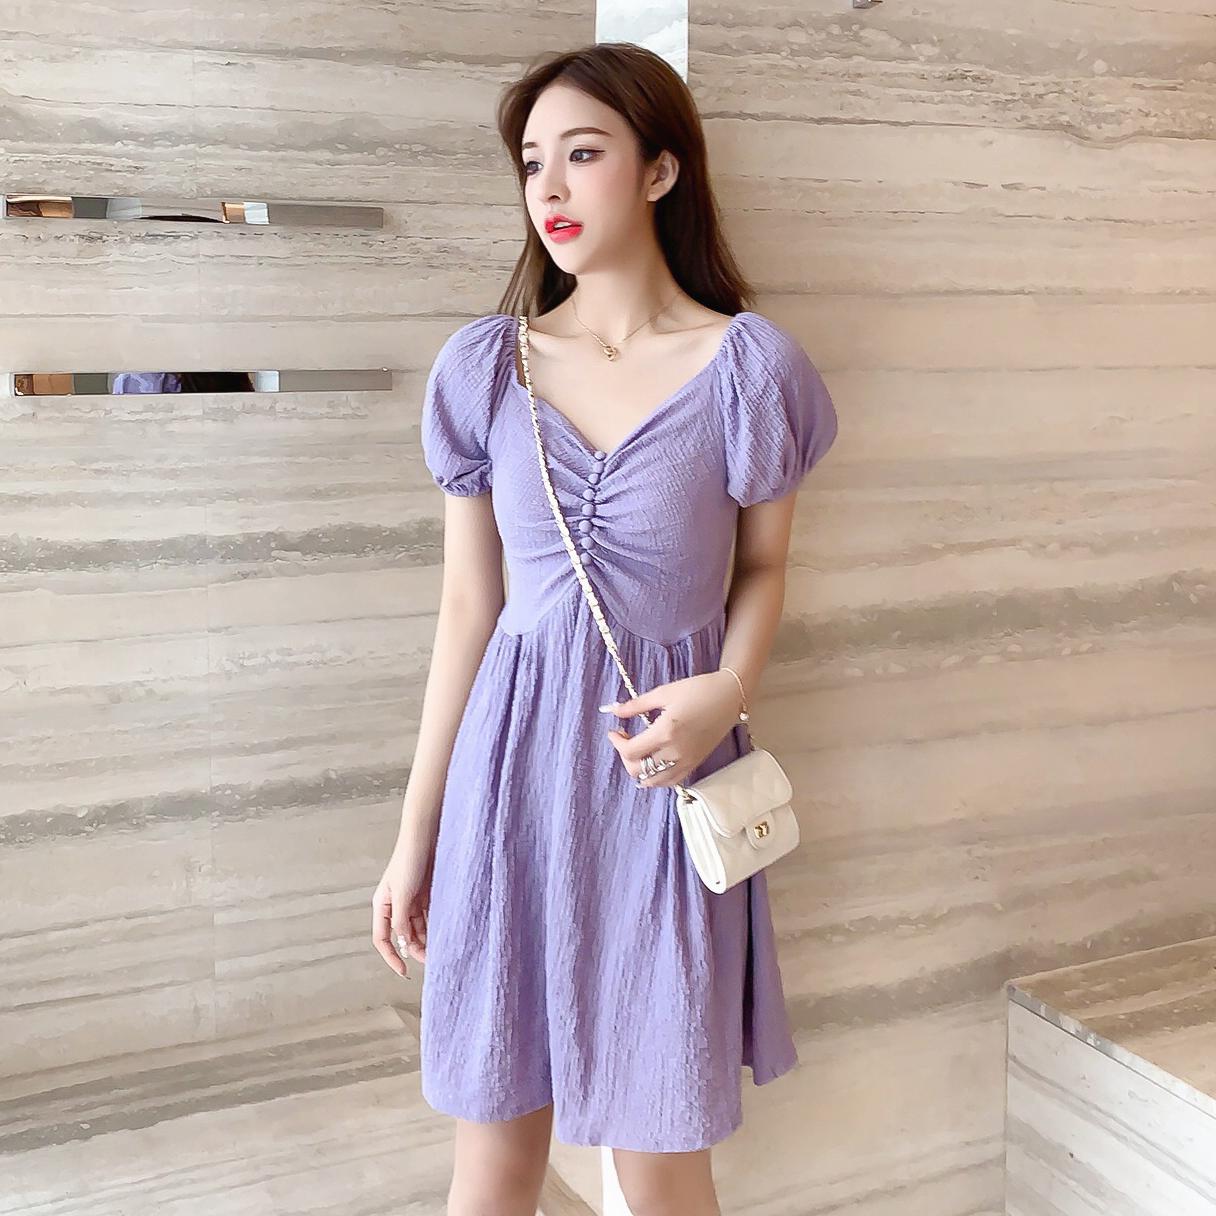 实拍2020夏装韩版收腰显瘦法式少女泡泡袖短袖连衣裙桔梗裙